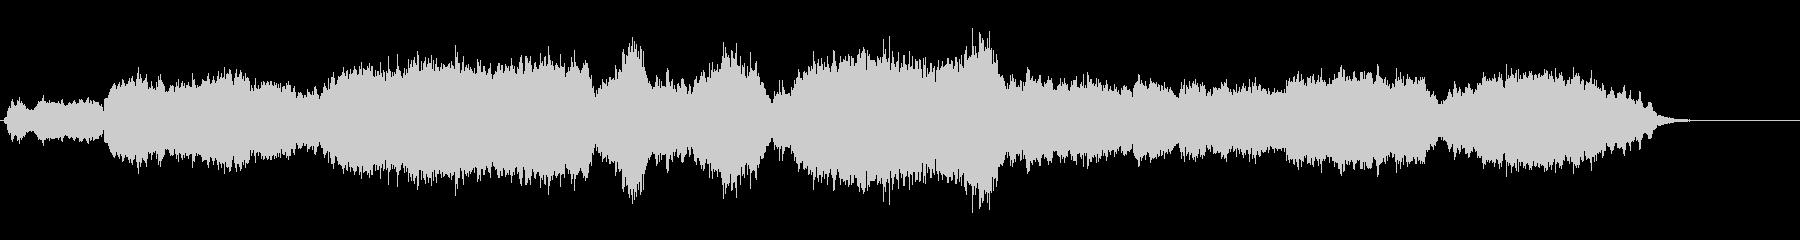 エピックなオーケストラ 分割08の未再生の波形